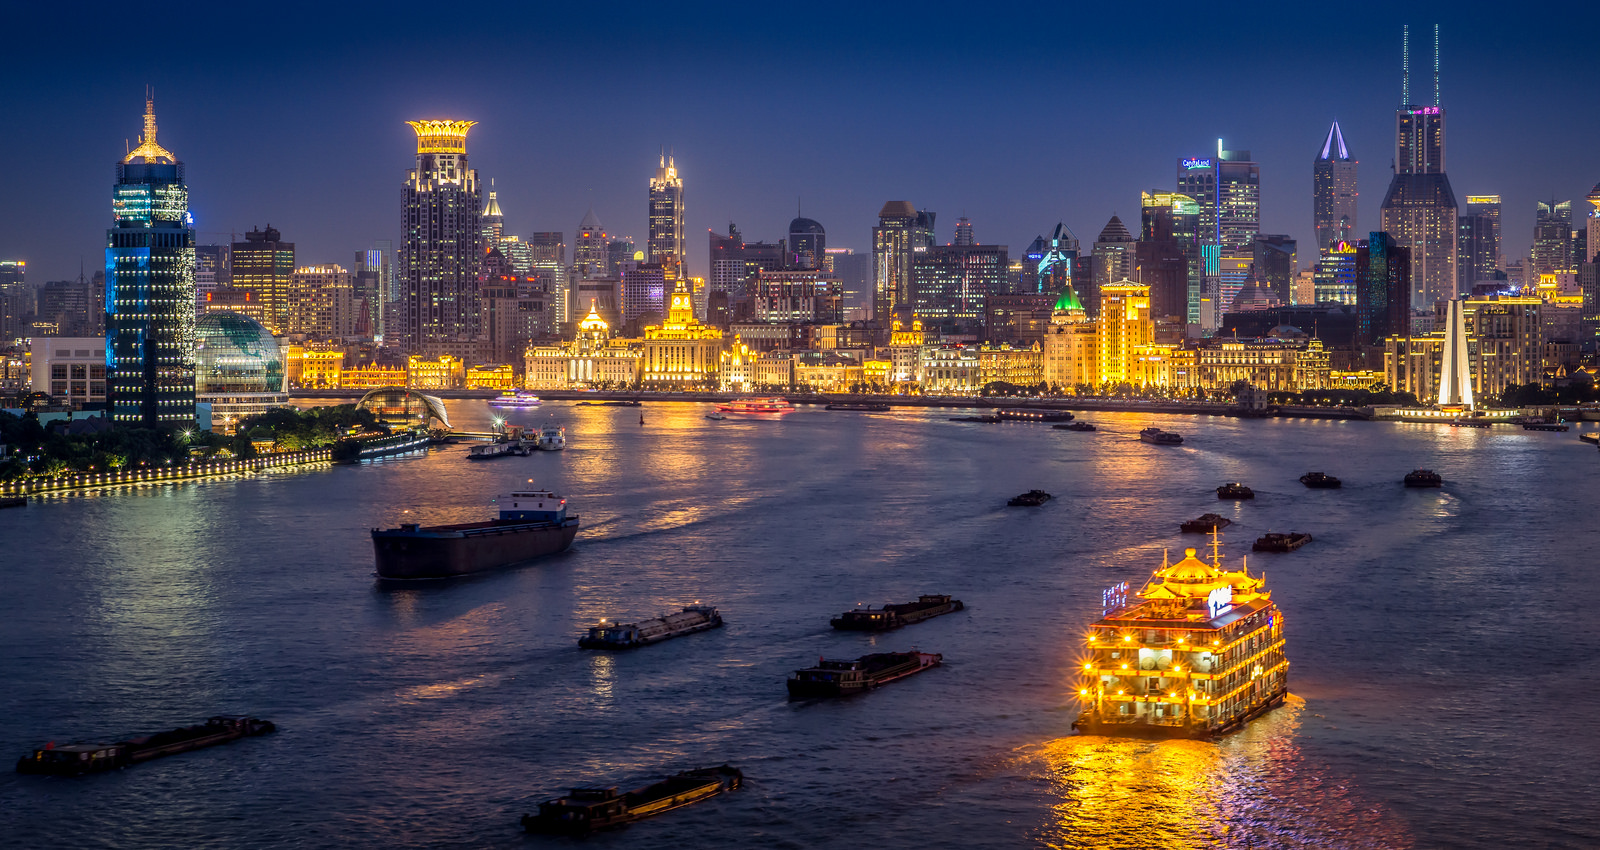 Du thuyền sông Hoàng Phố